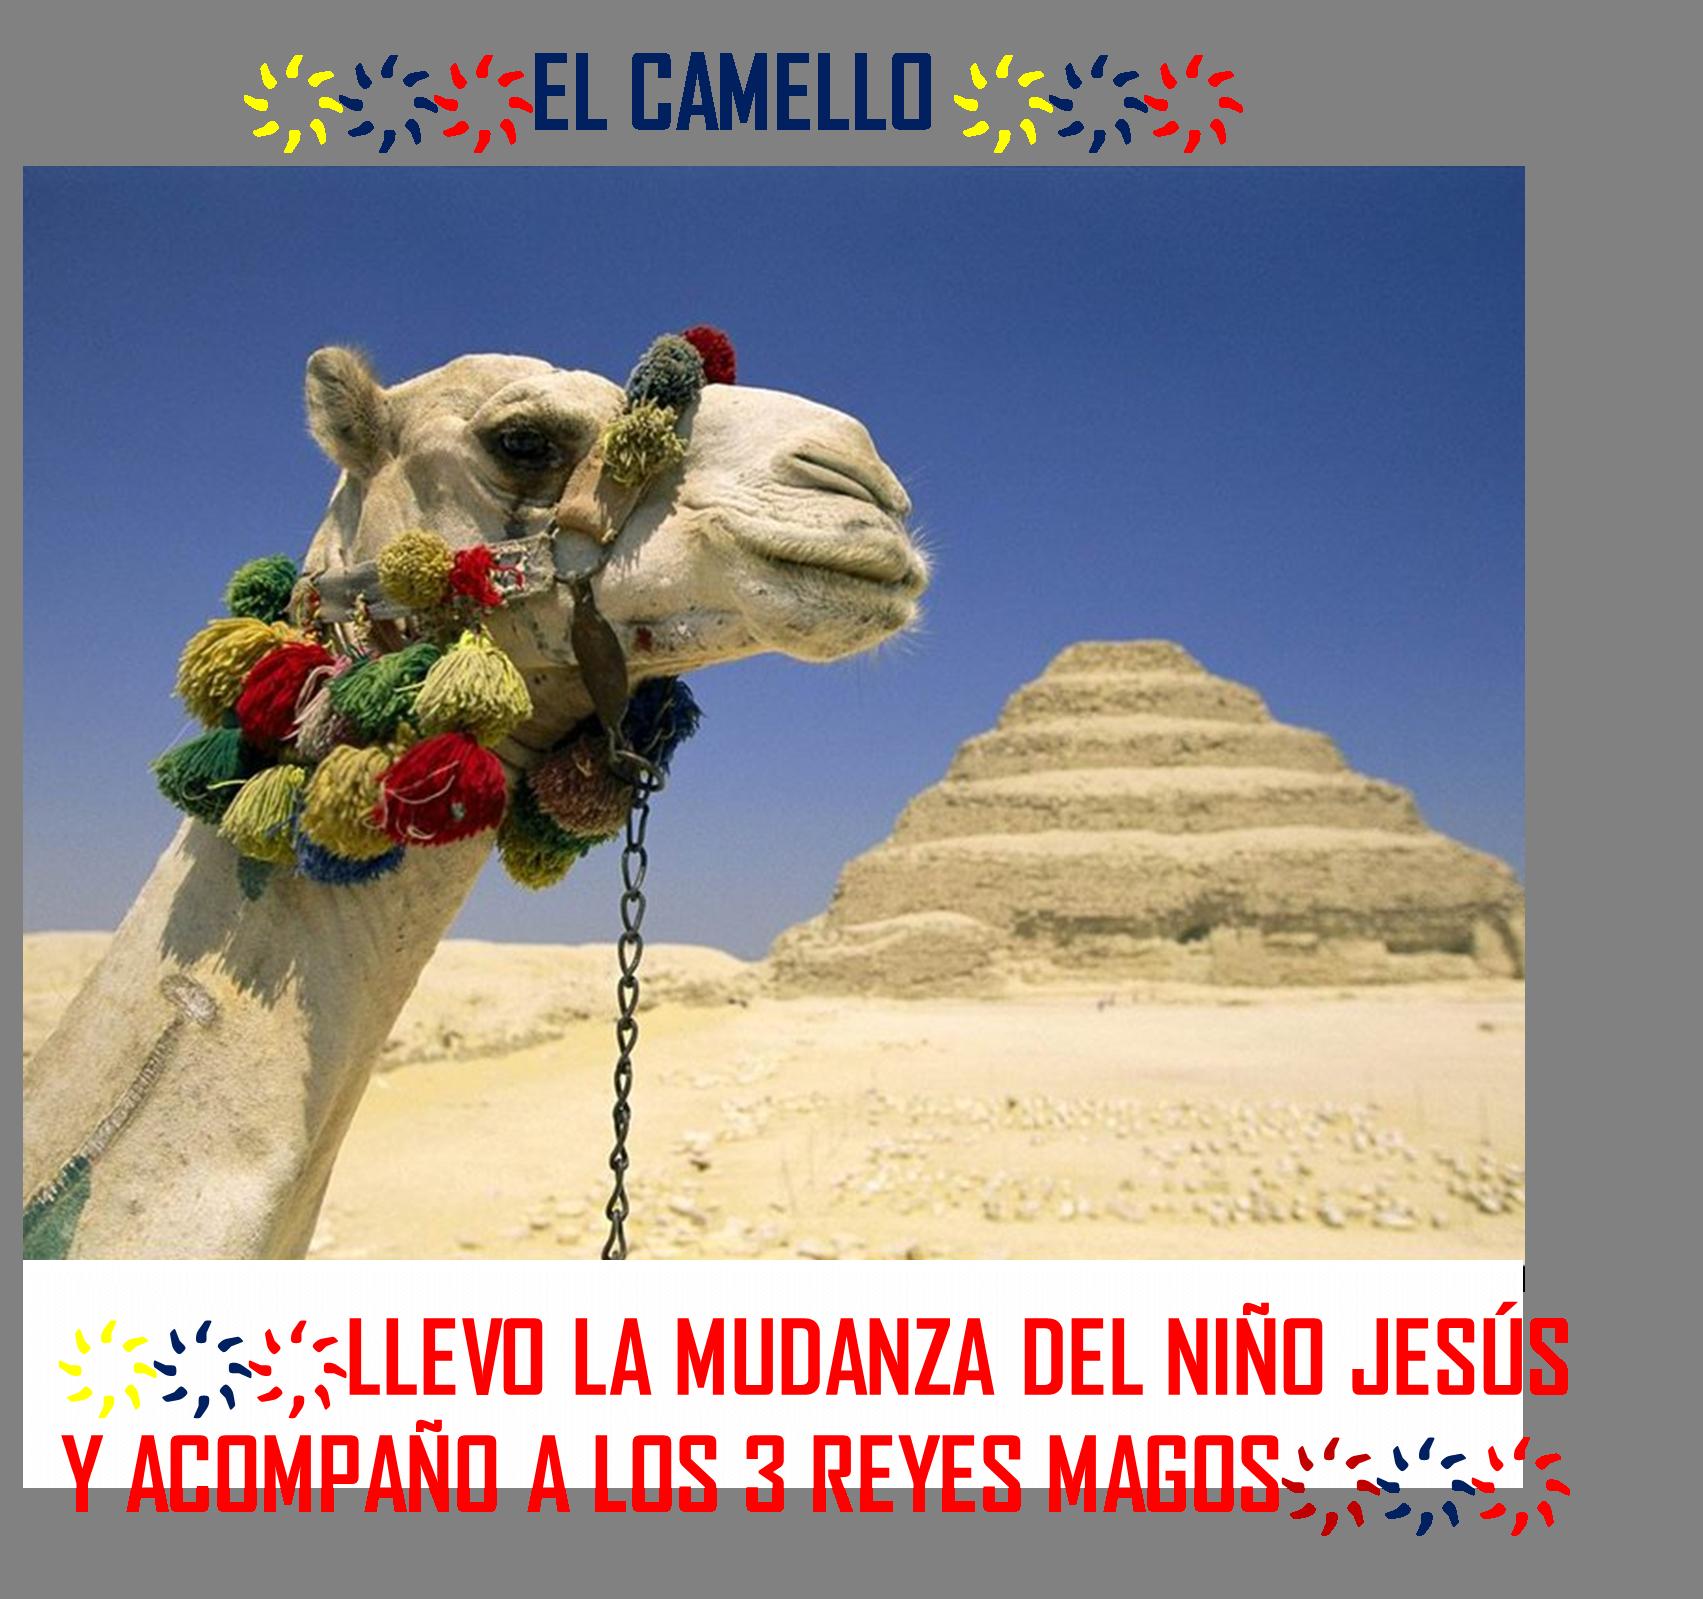 EL CAMELLO LLEVO LA MUDANZA DEL NIÑO JESÚS,JUNTO A SAN JOSE Y LA VIRGEN MARÍA  Y ACOMPAÑO A LOS 3 REYES MAGOS.